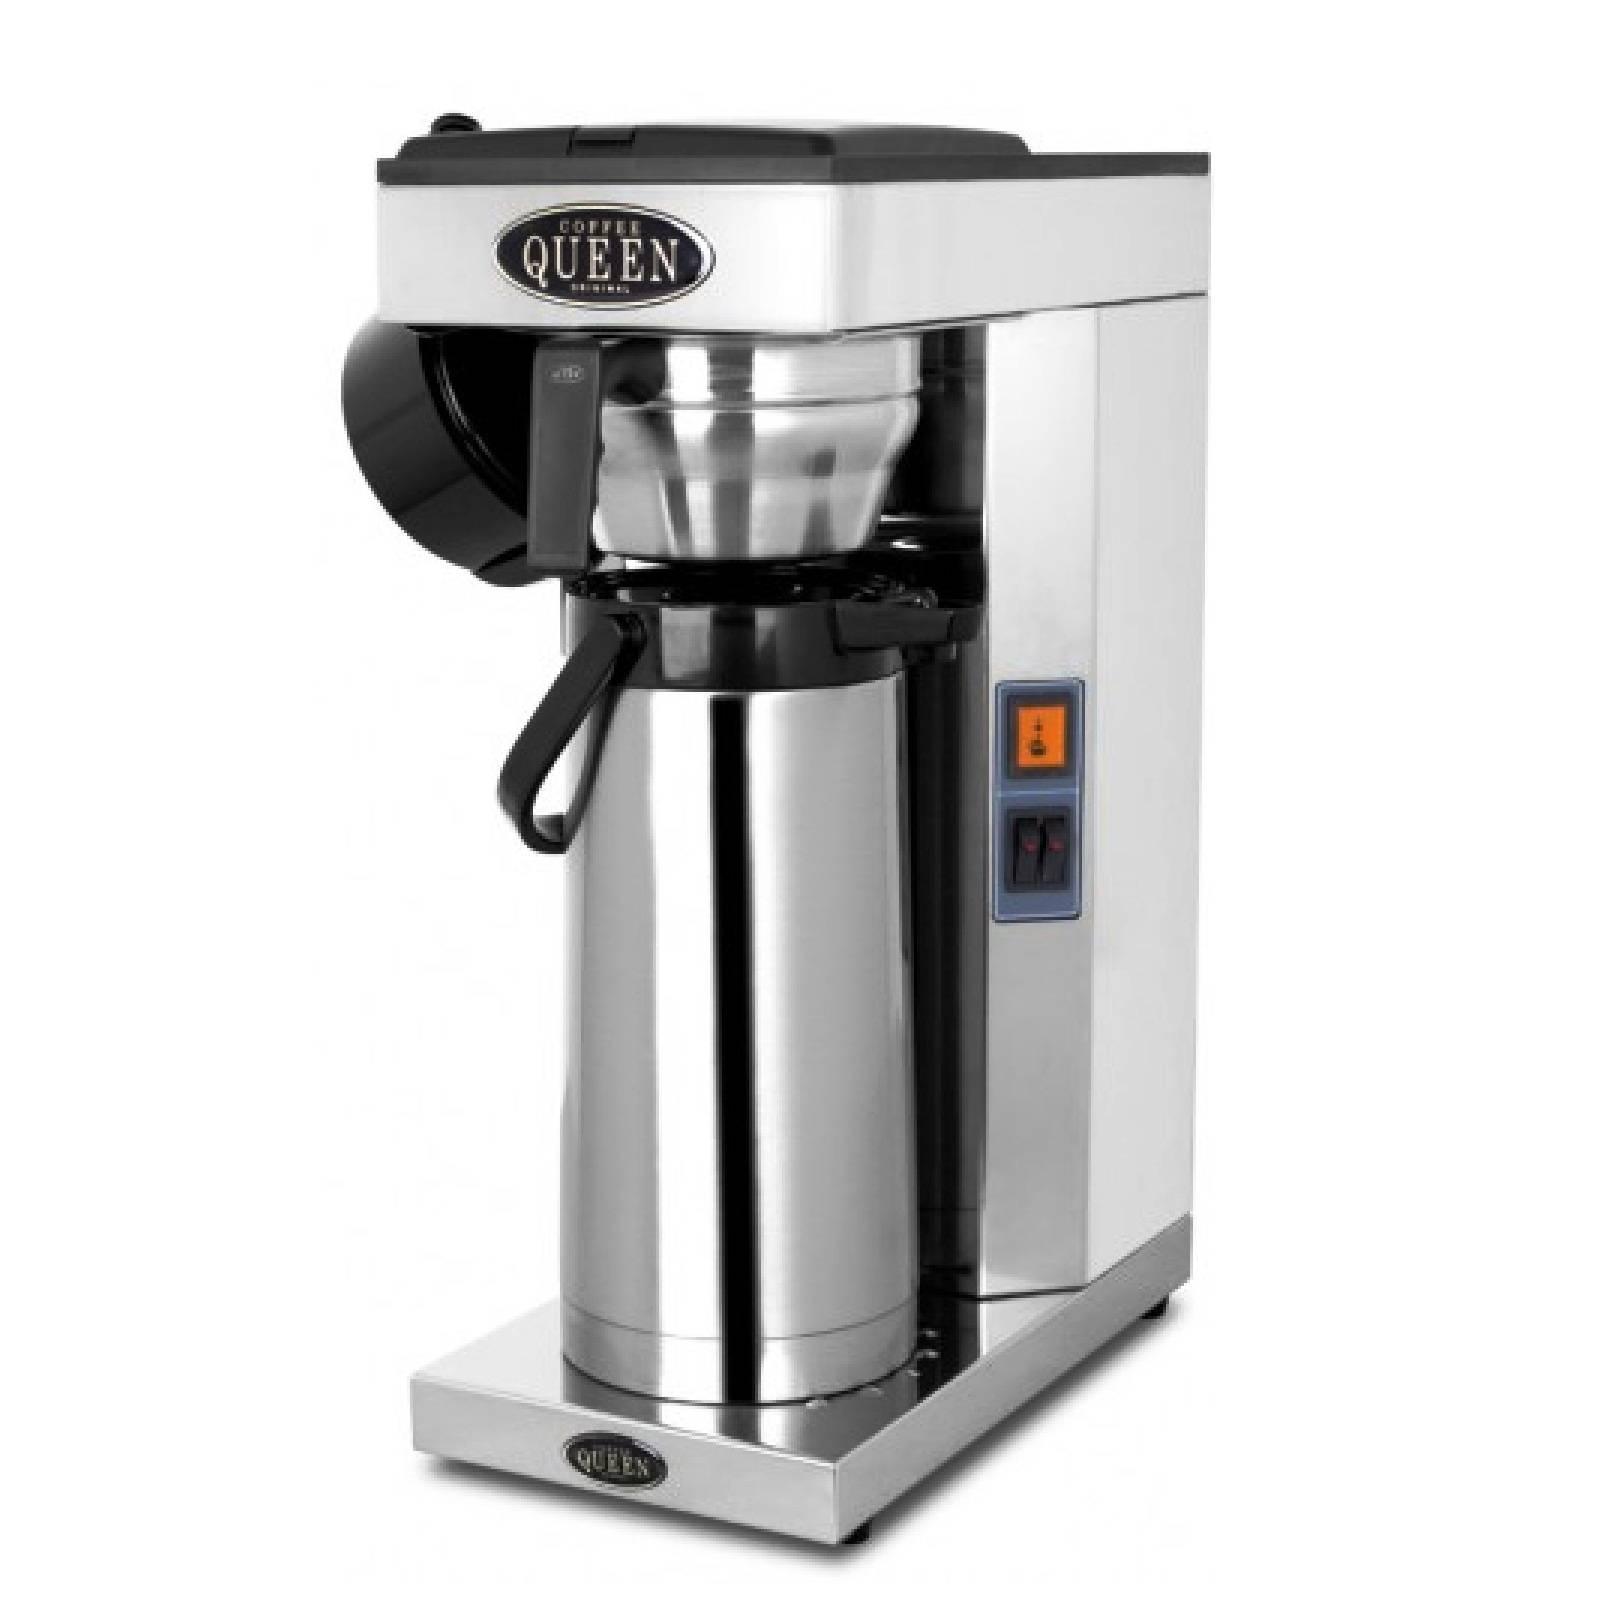 filterkaffeemaschine thermos m mit airpotkanne 2 2 l. Black Bedroom Furniture Sets. Home Design Ideas